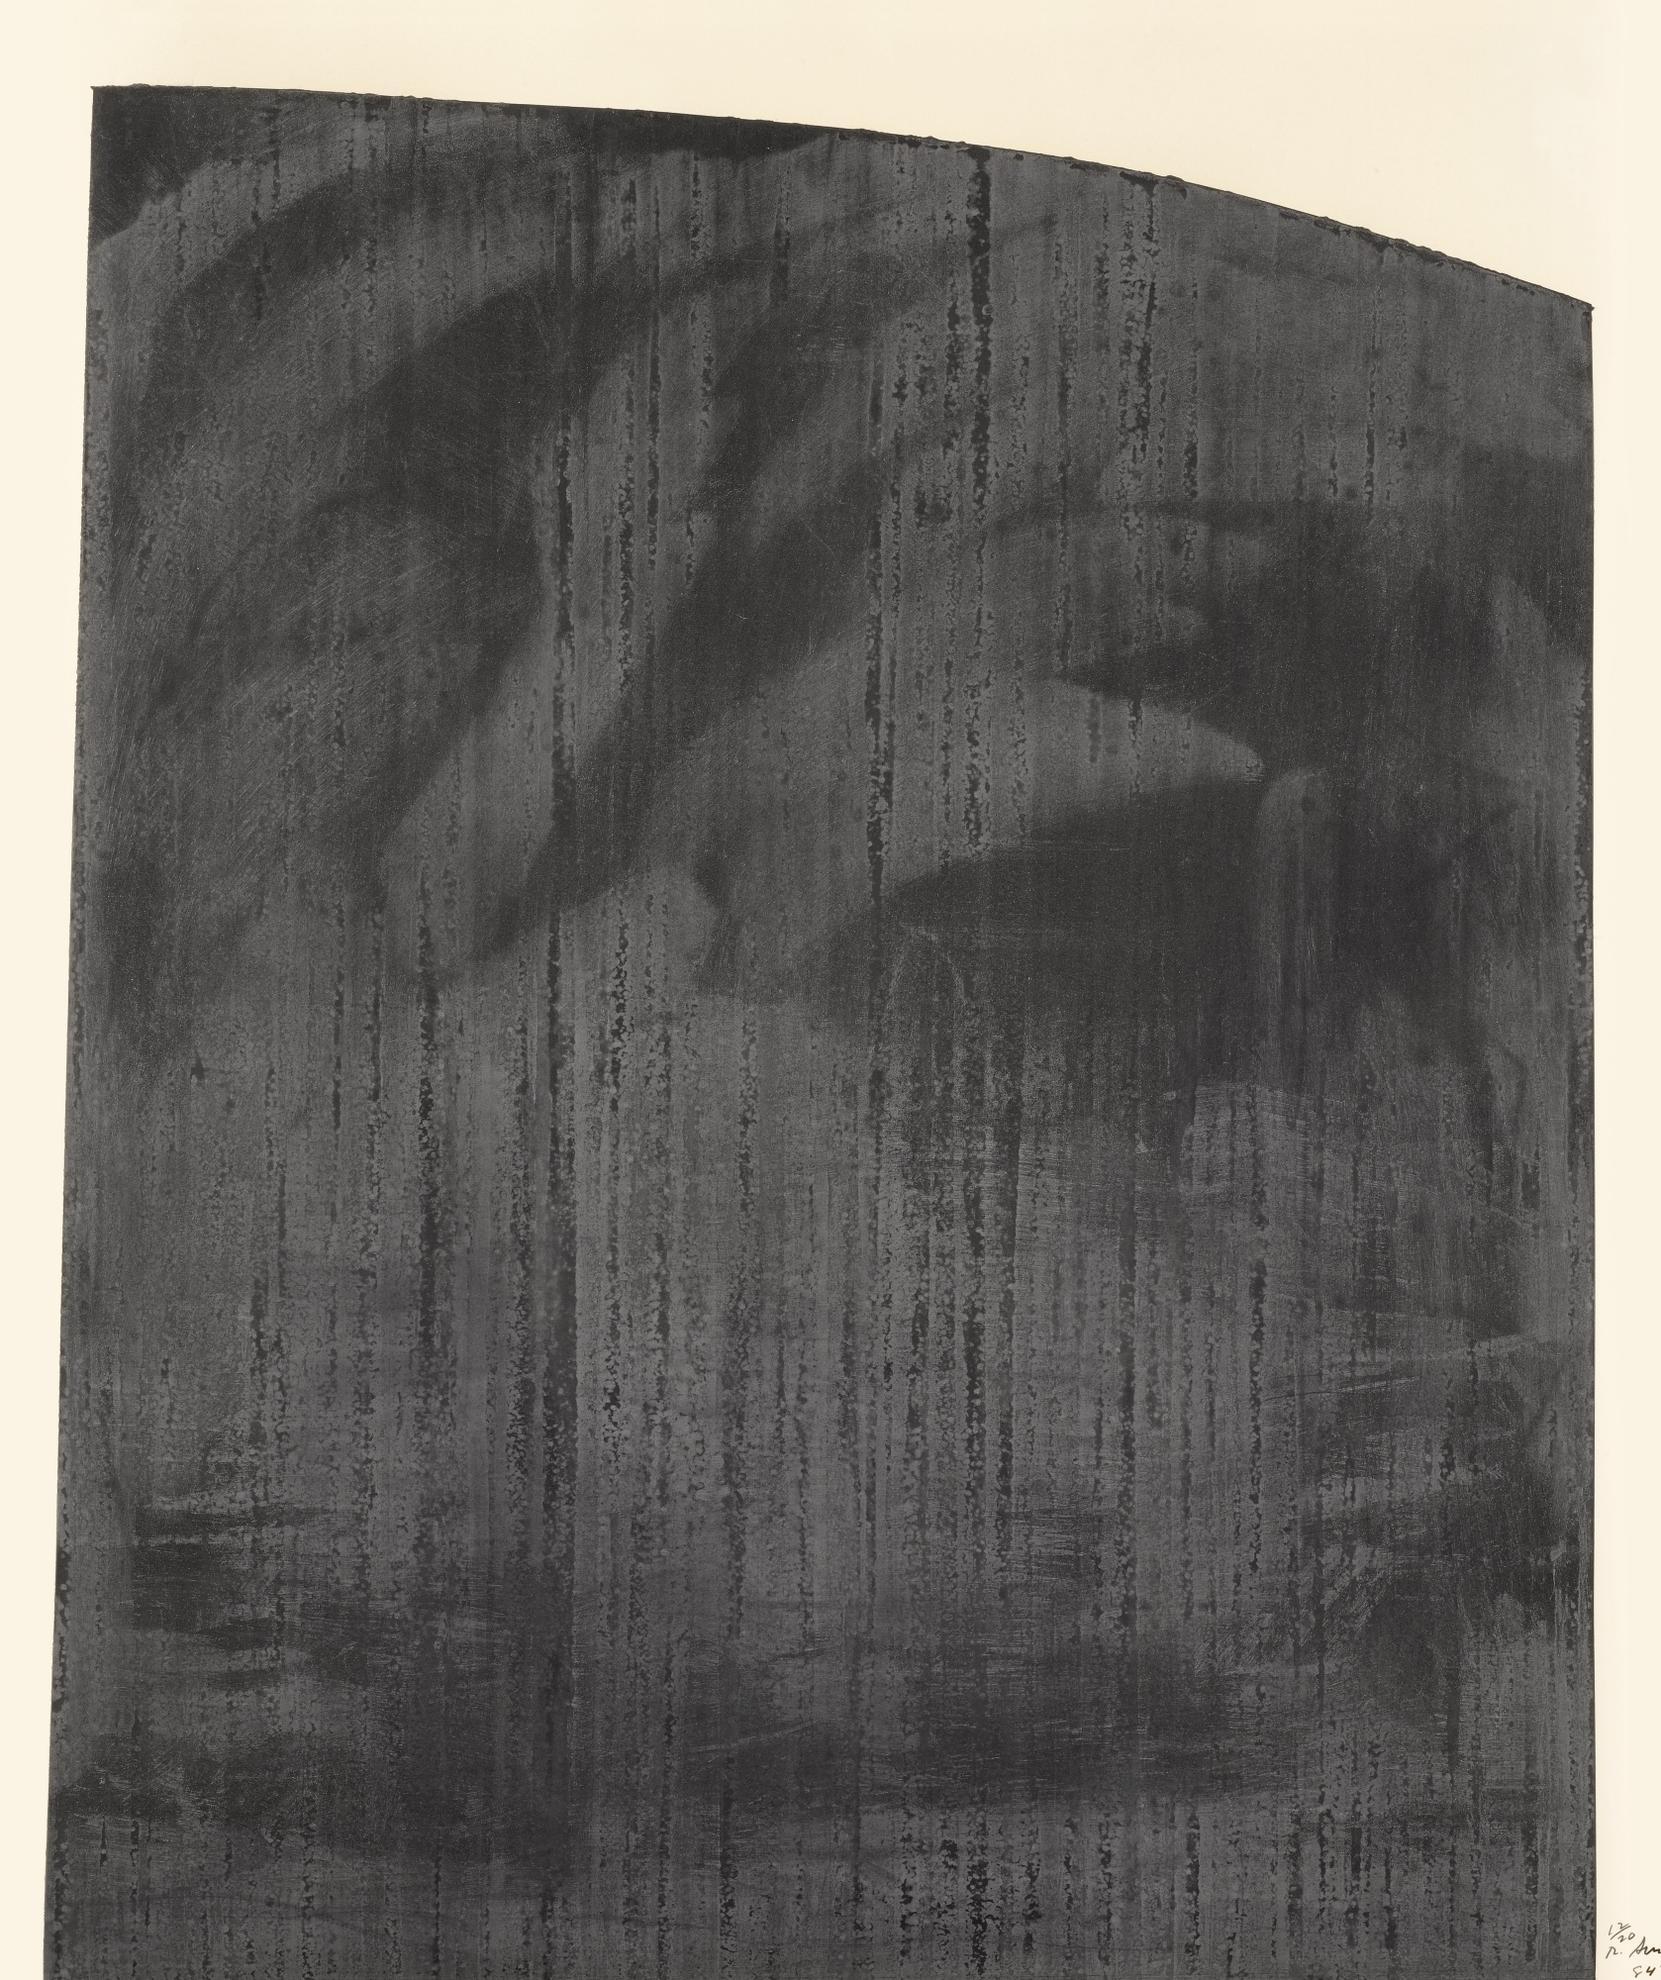 Richard Serra-Patience (Berswordt-Wallrabe 32)-1984